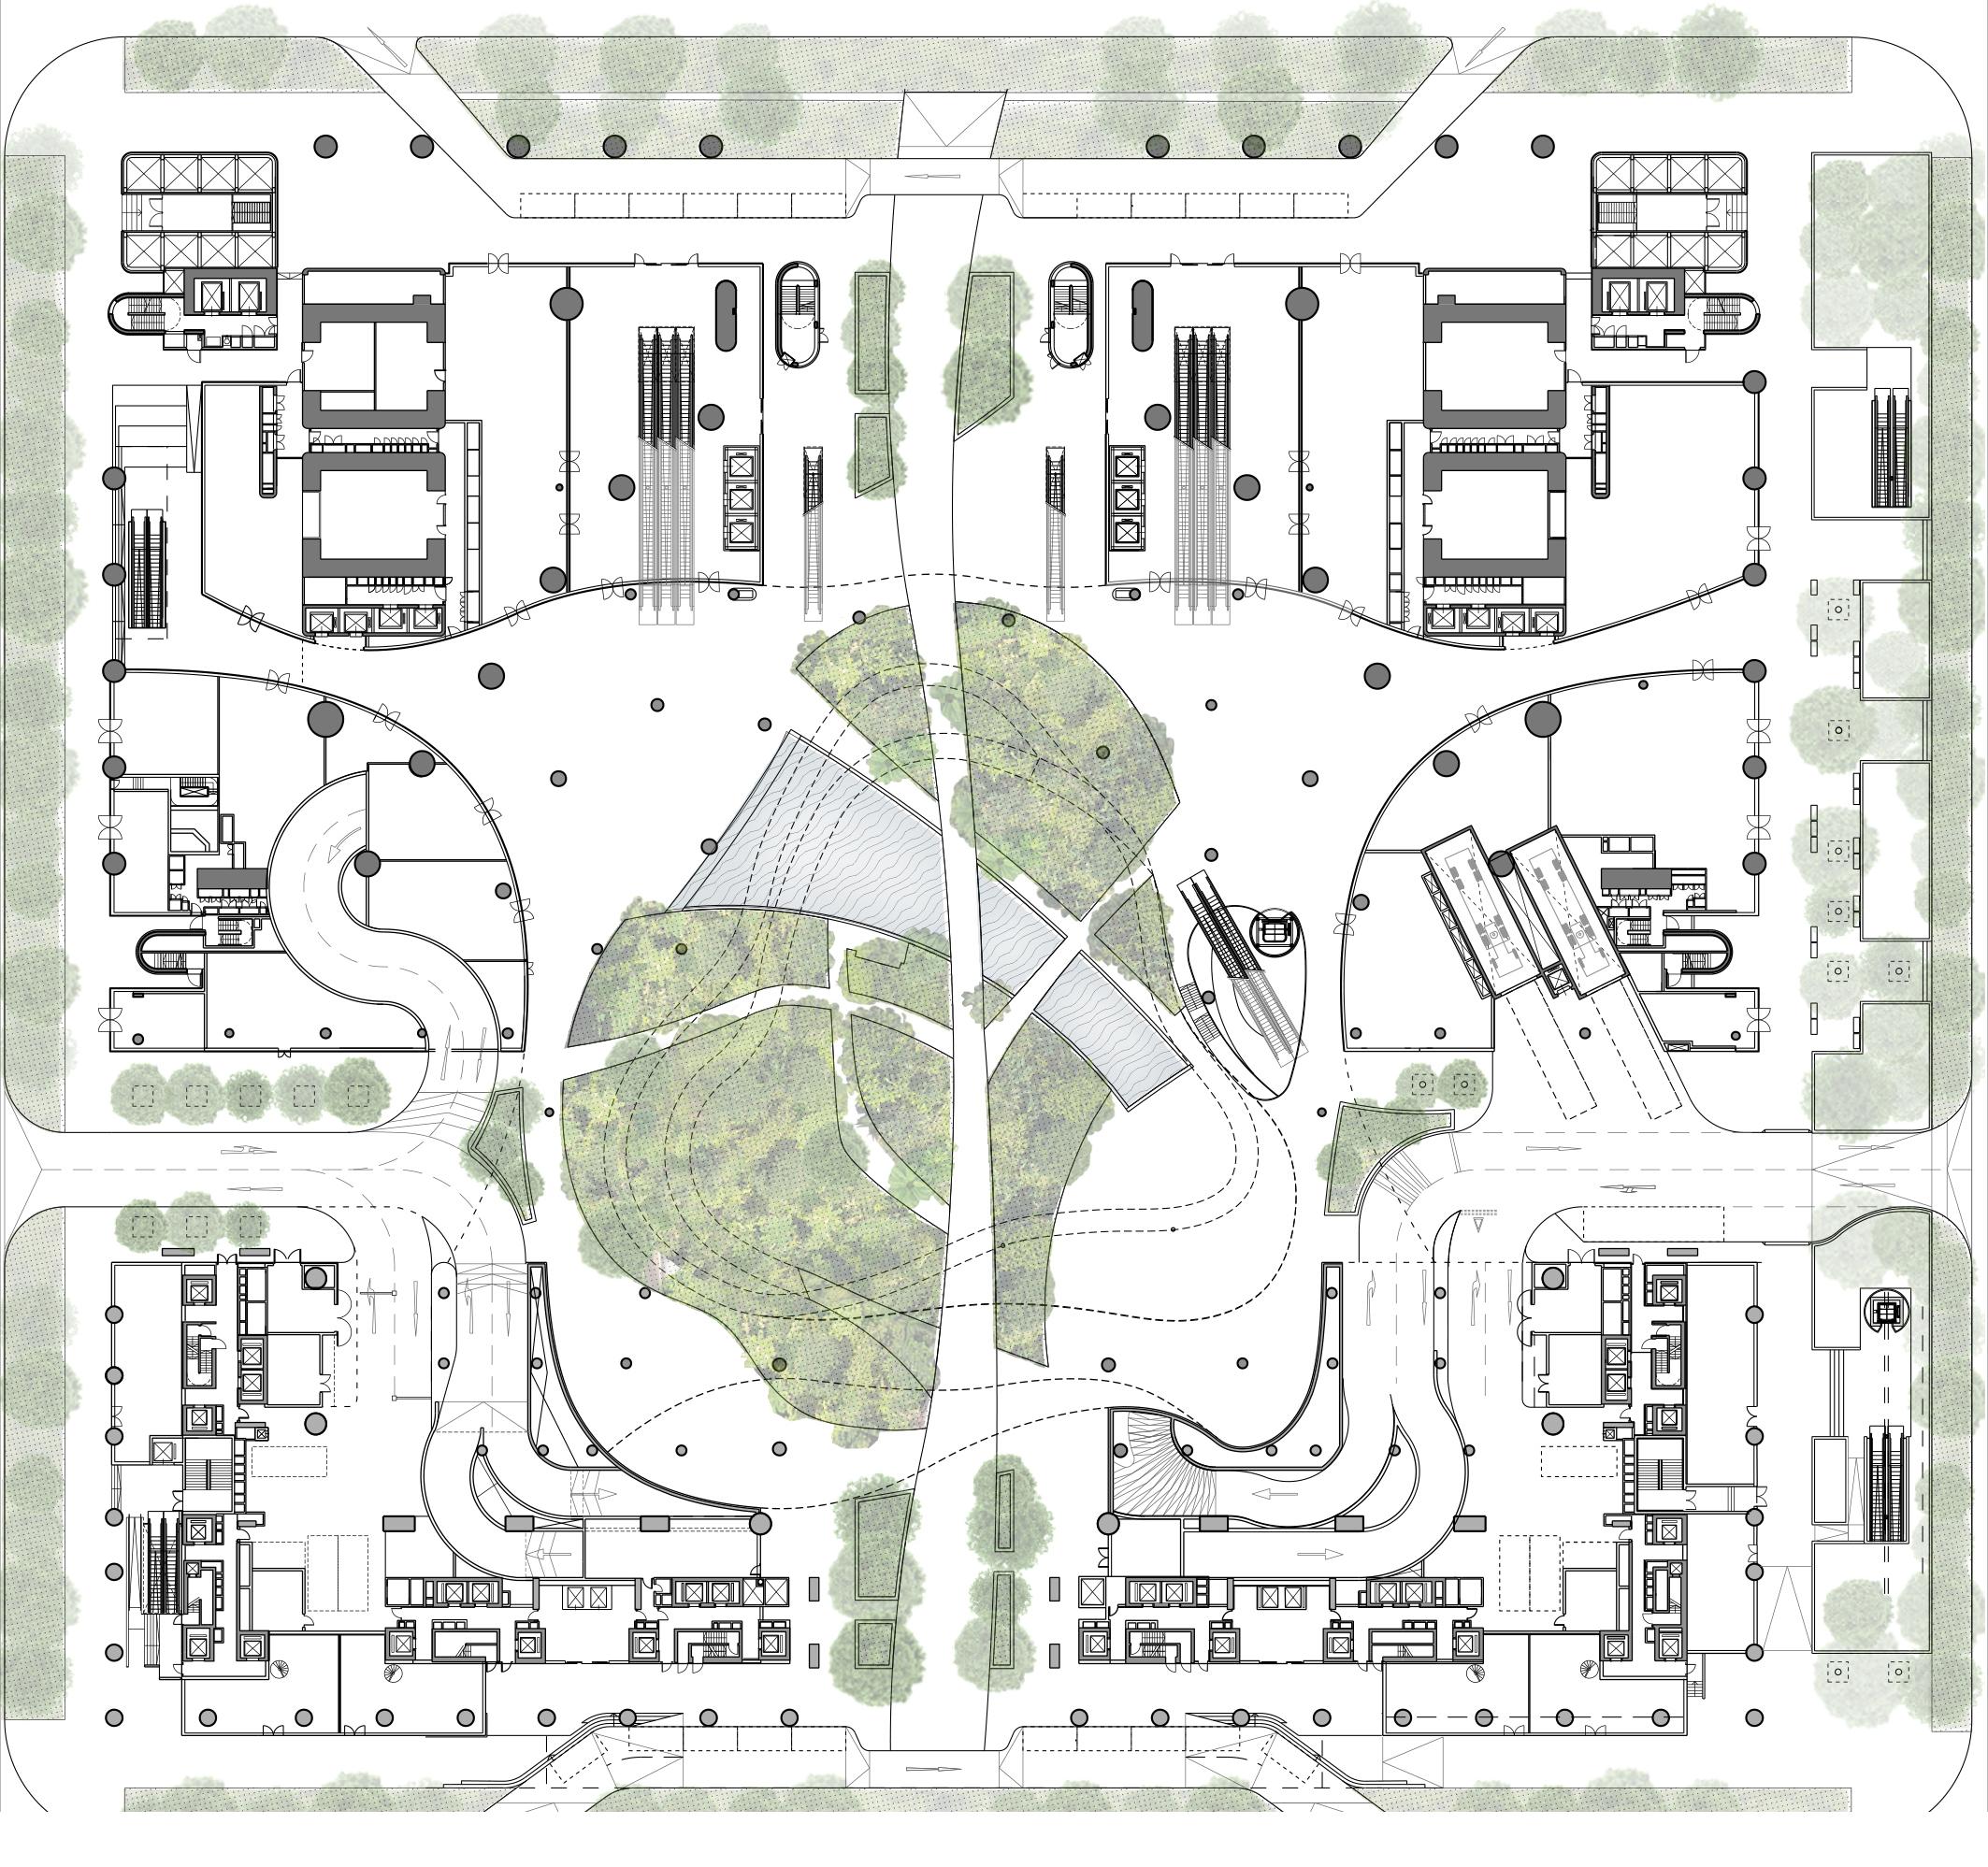 <p>Begane grond met park, publieke functies en entrees naar woningen, kantoren en parkeergarage</p>